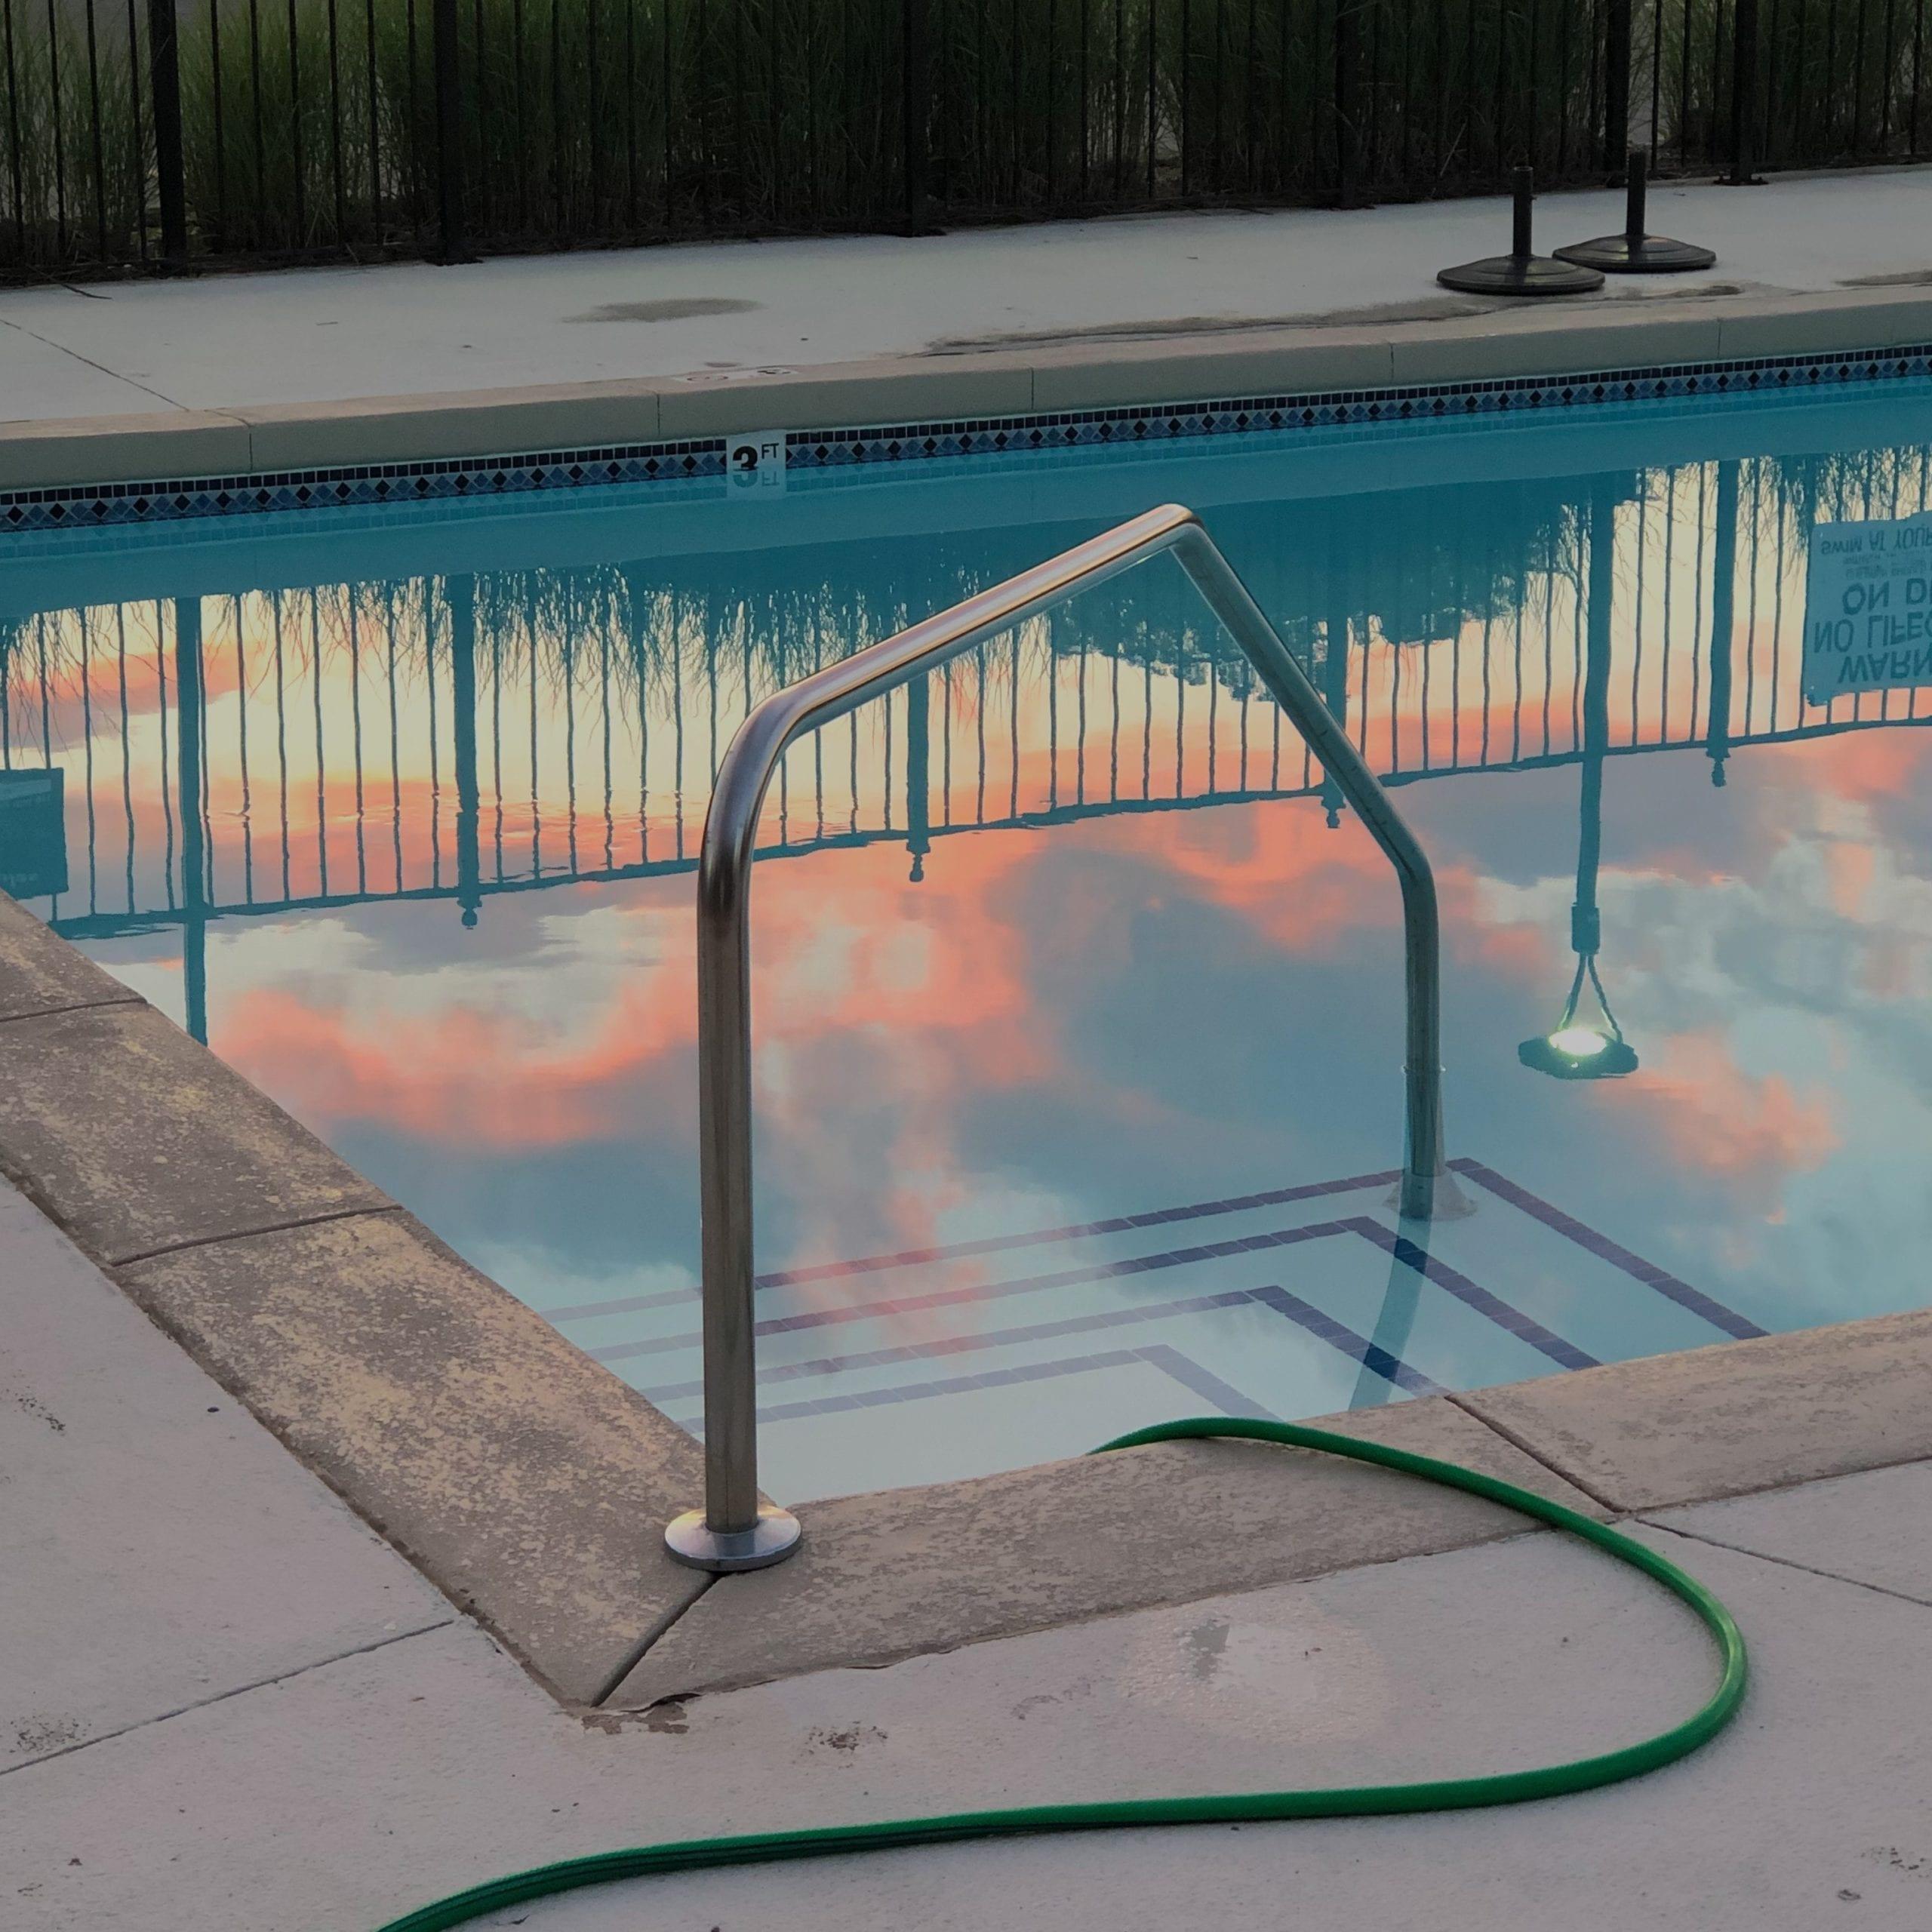 Ein Pool-Bausatz ermöglicht einen schnell nutzbaren Pool.